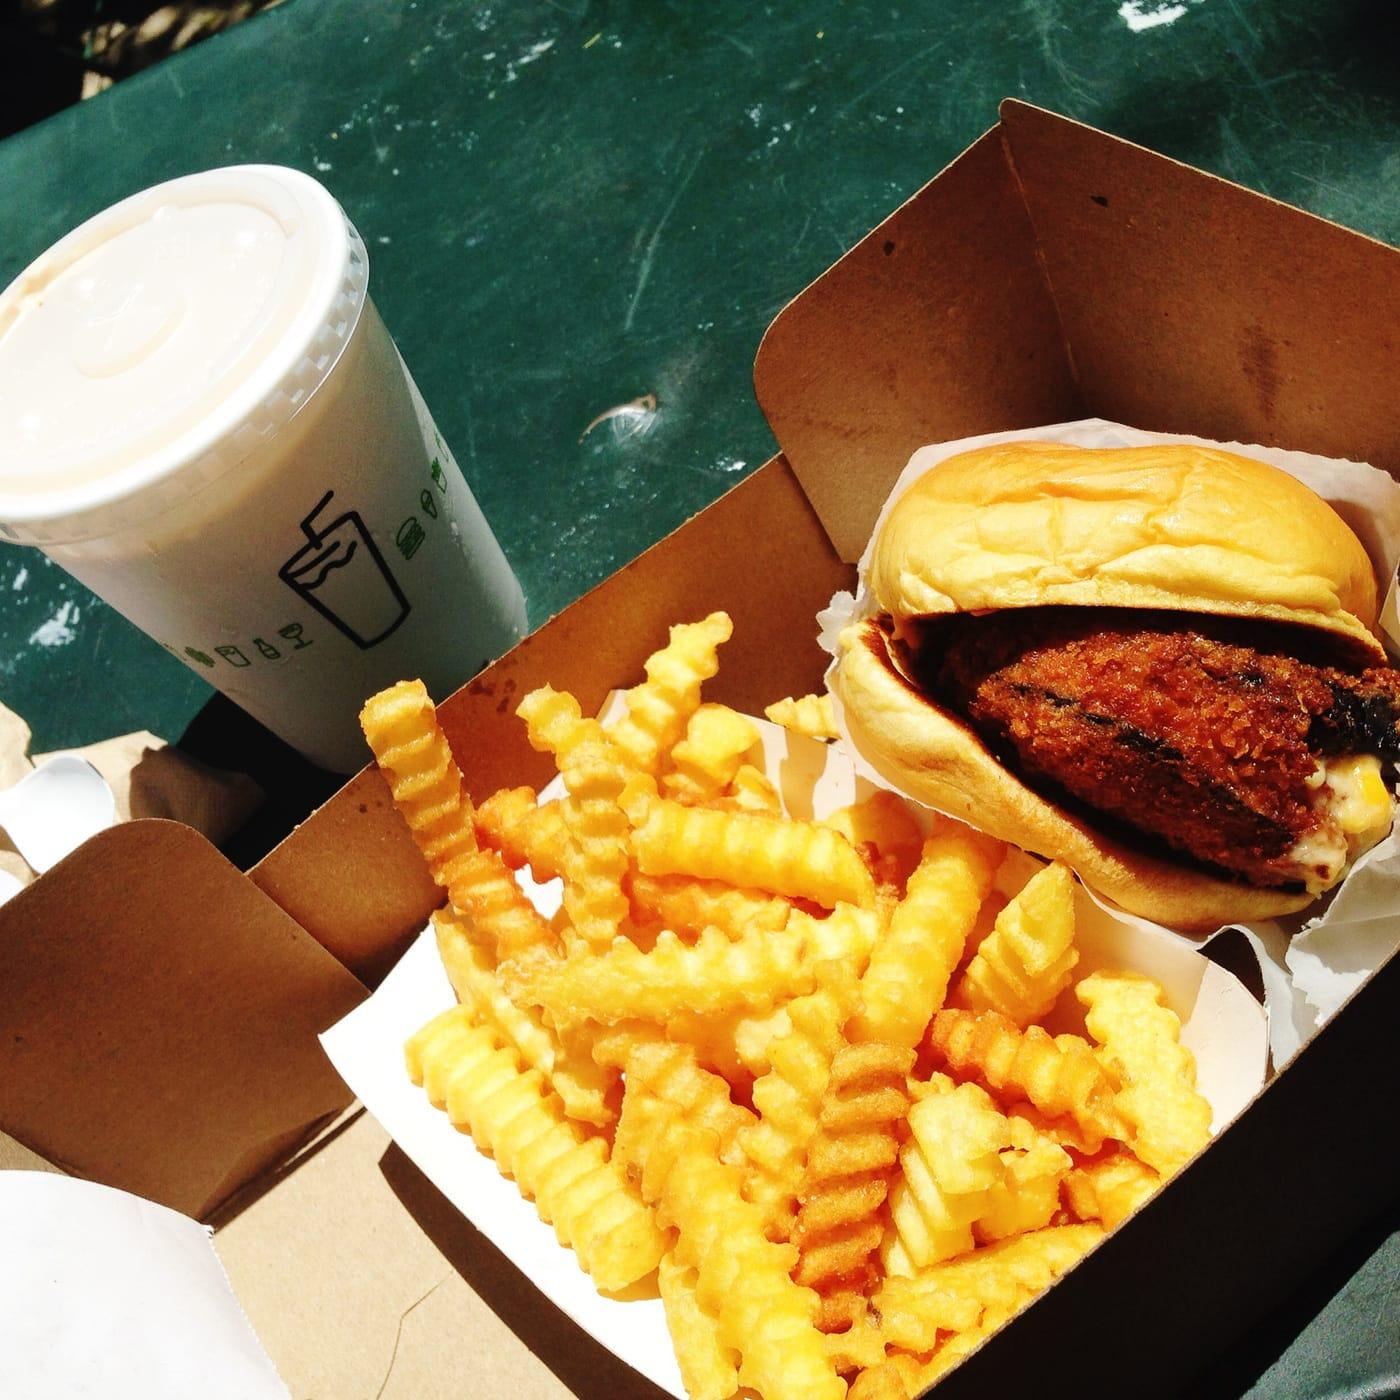 Shroom Burger at Shake Shack